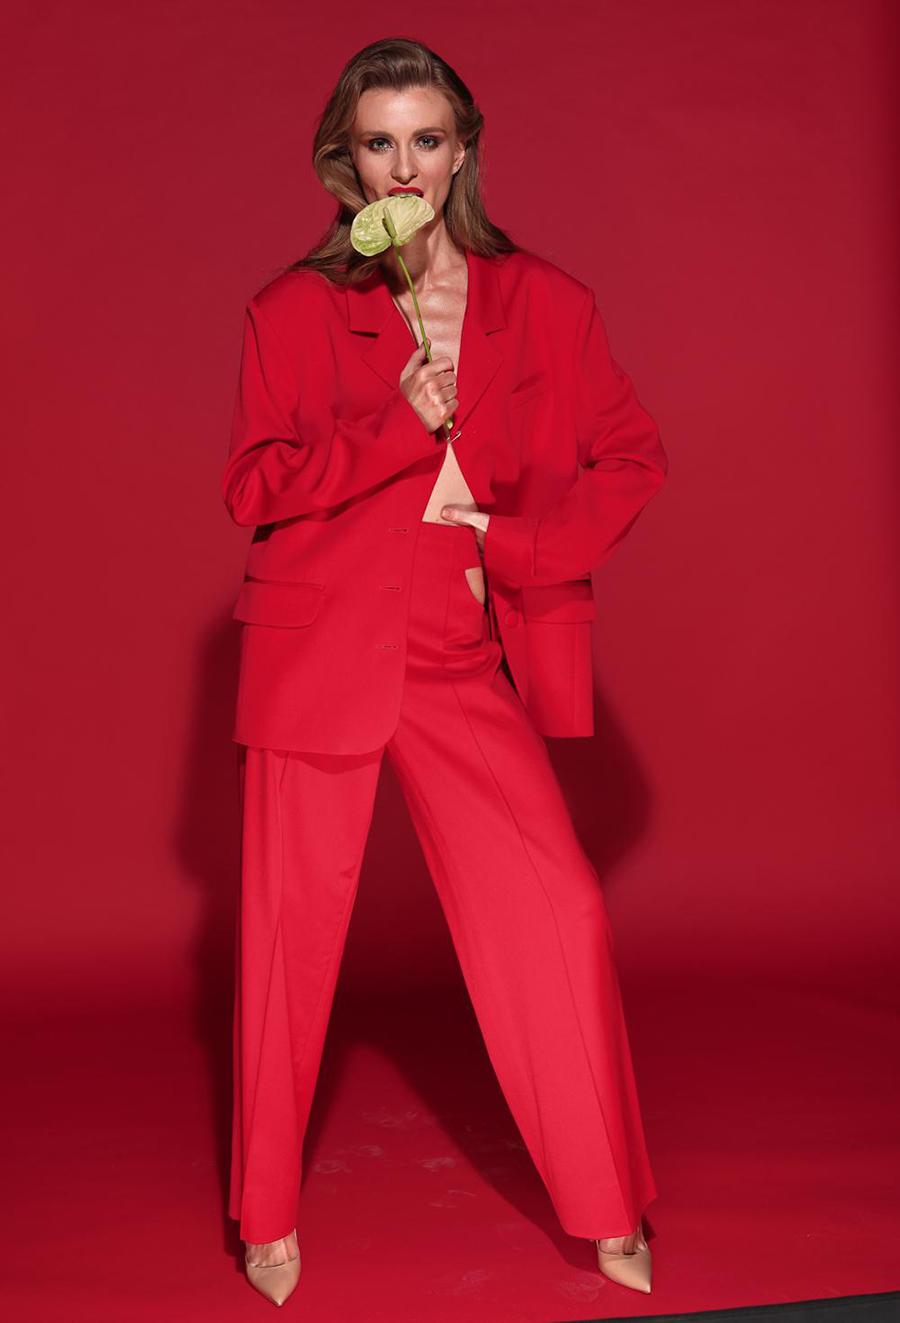 модель Алена Сависько Alyona Savisko тренды сезона осень-зима 2020-2021 капсульный гардероб костюм красный